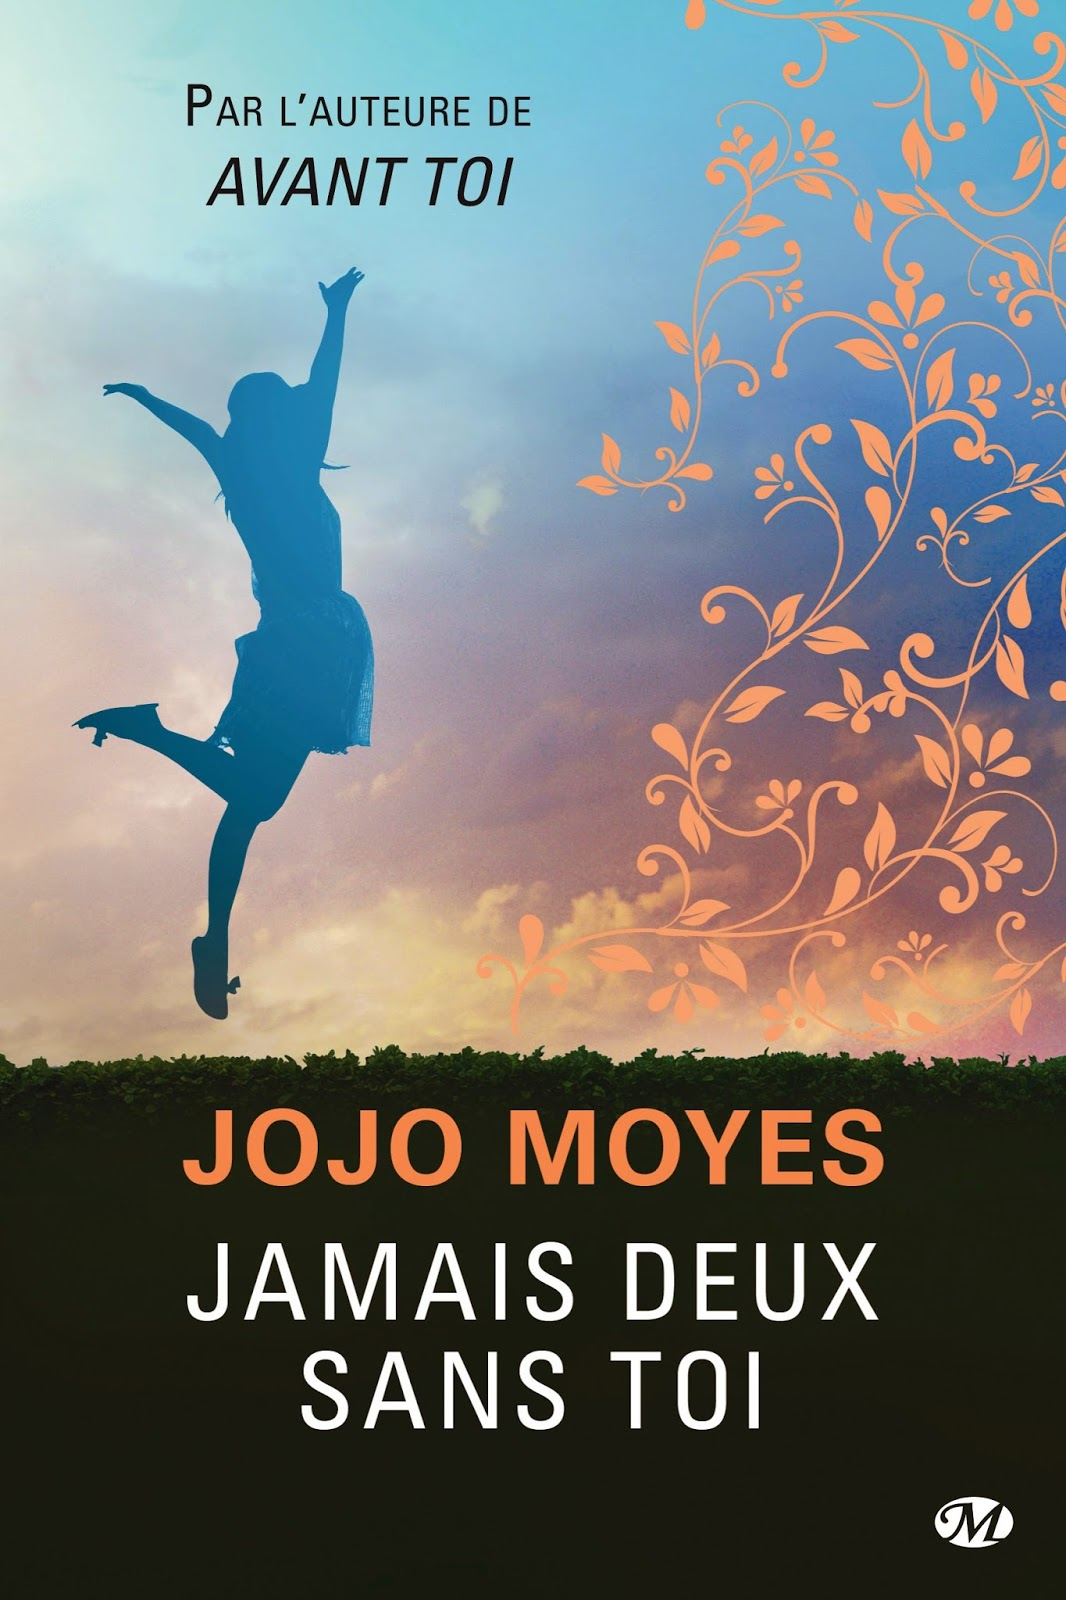 Jojo Moyes Milady Over-books